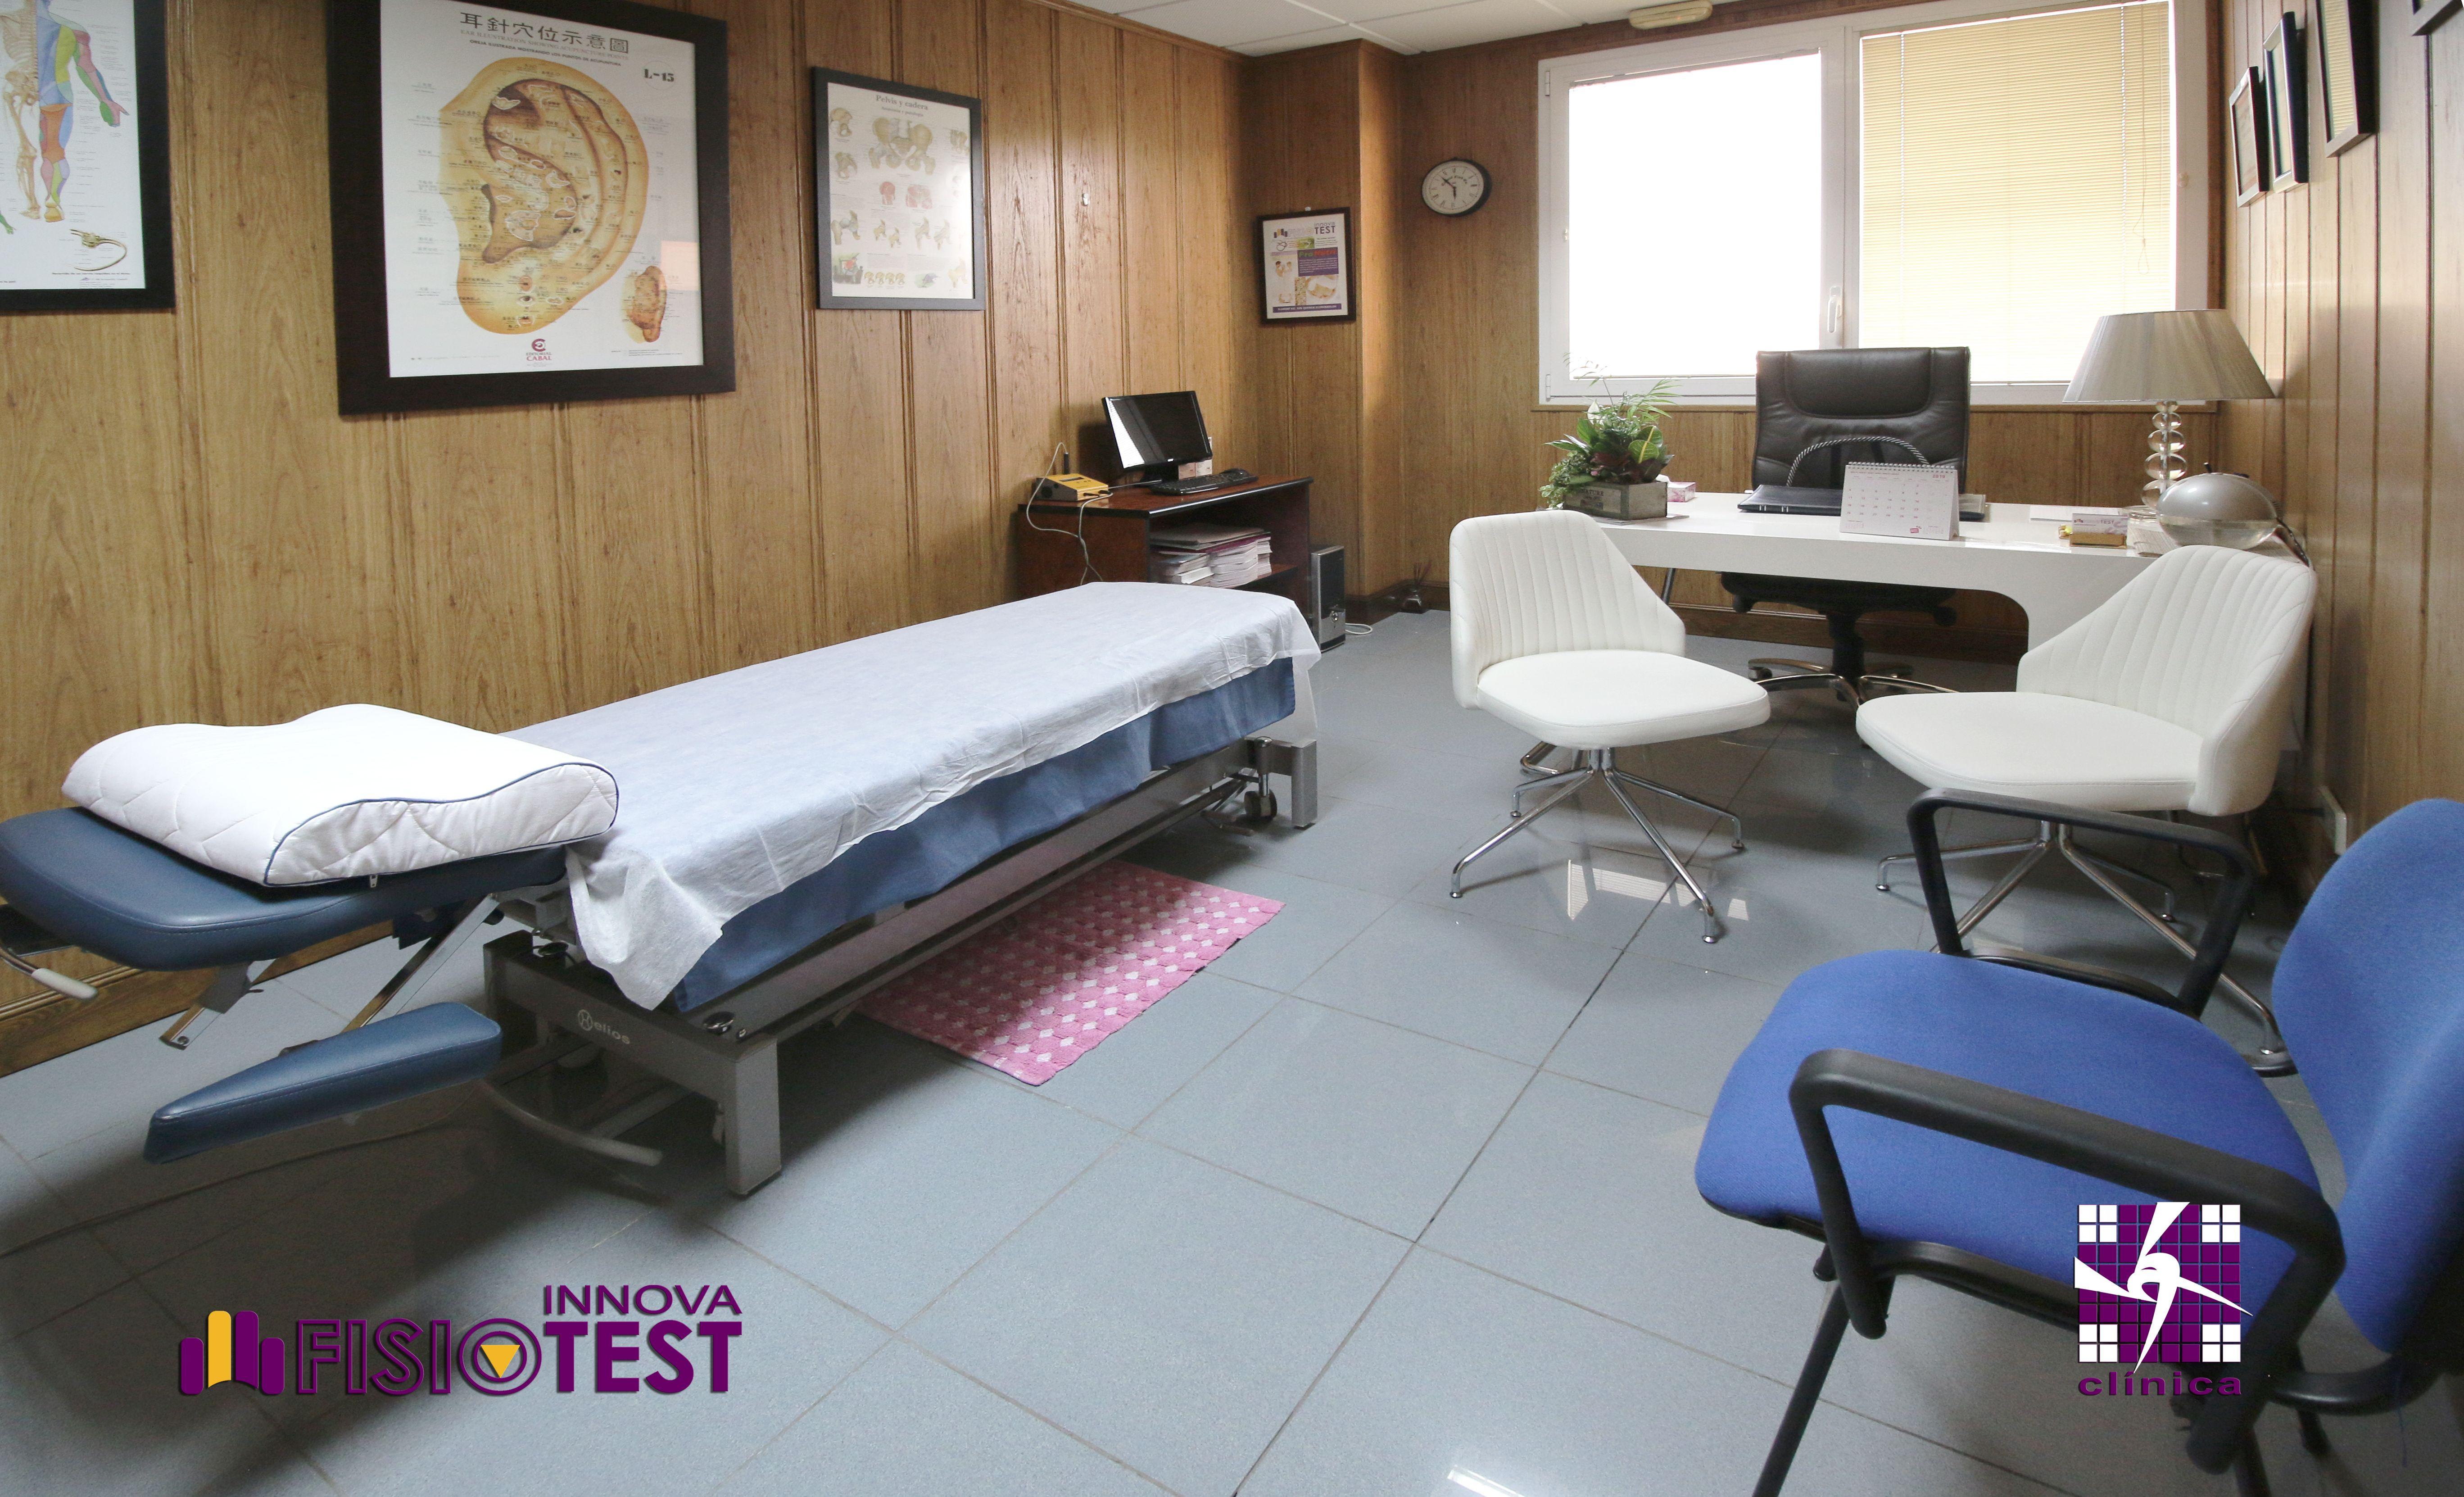 Foto 8 de Clínicas de adelgazamiento en  | Innova Fisiotest